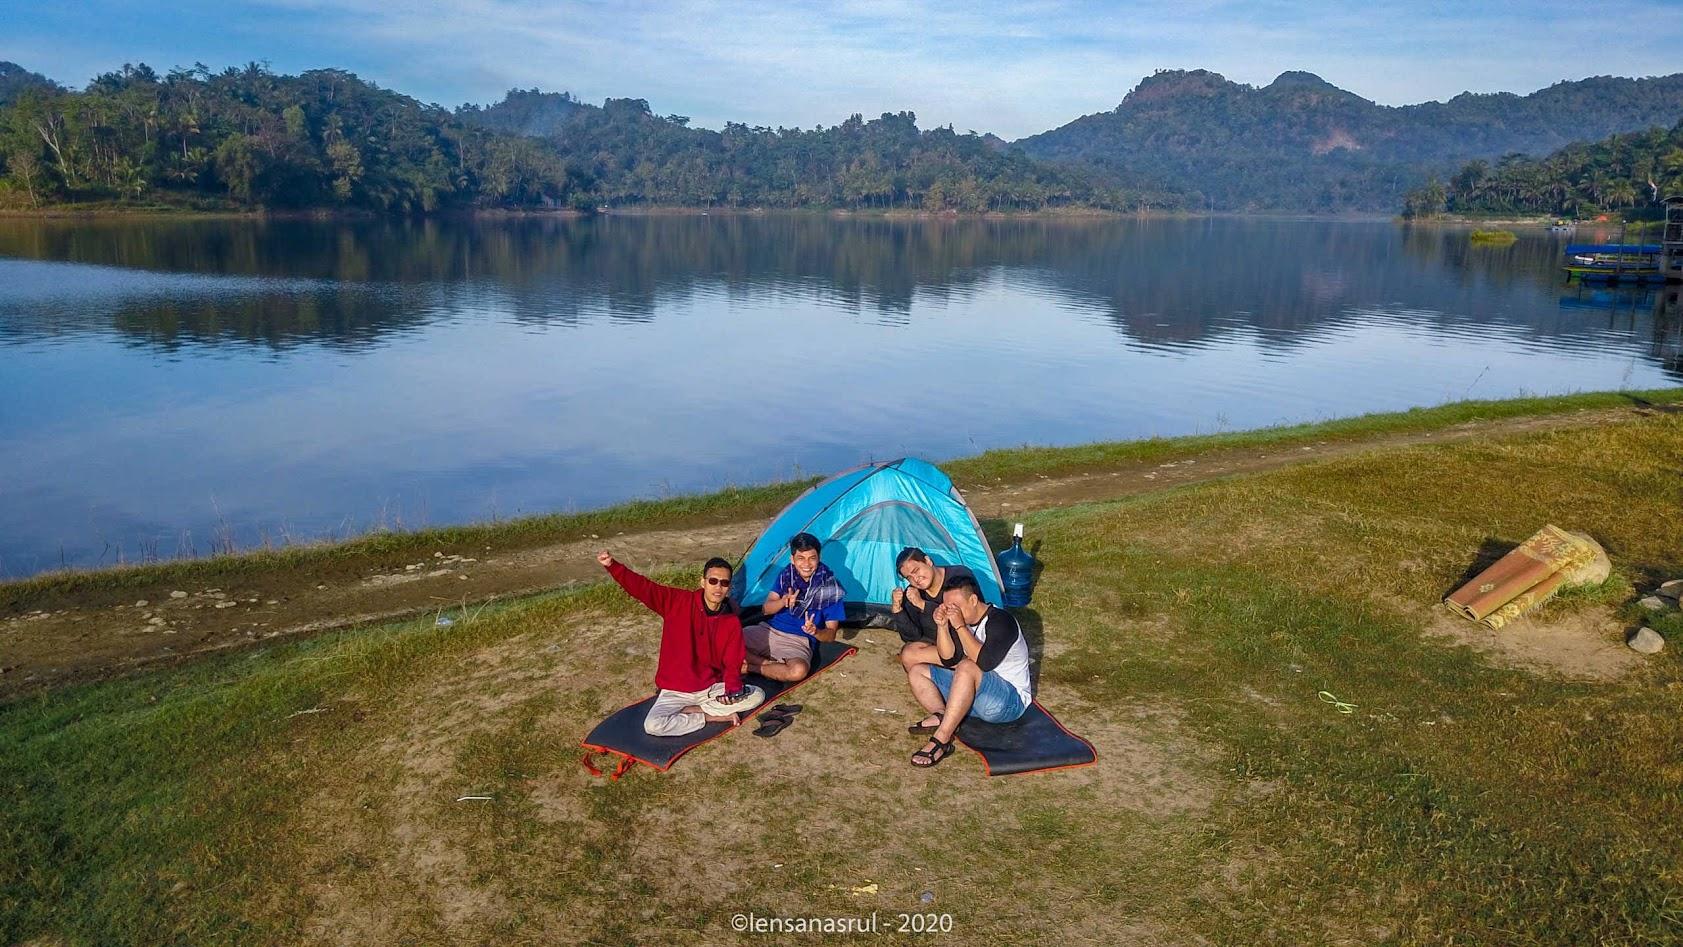 Camping bersama 3 teman